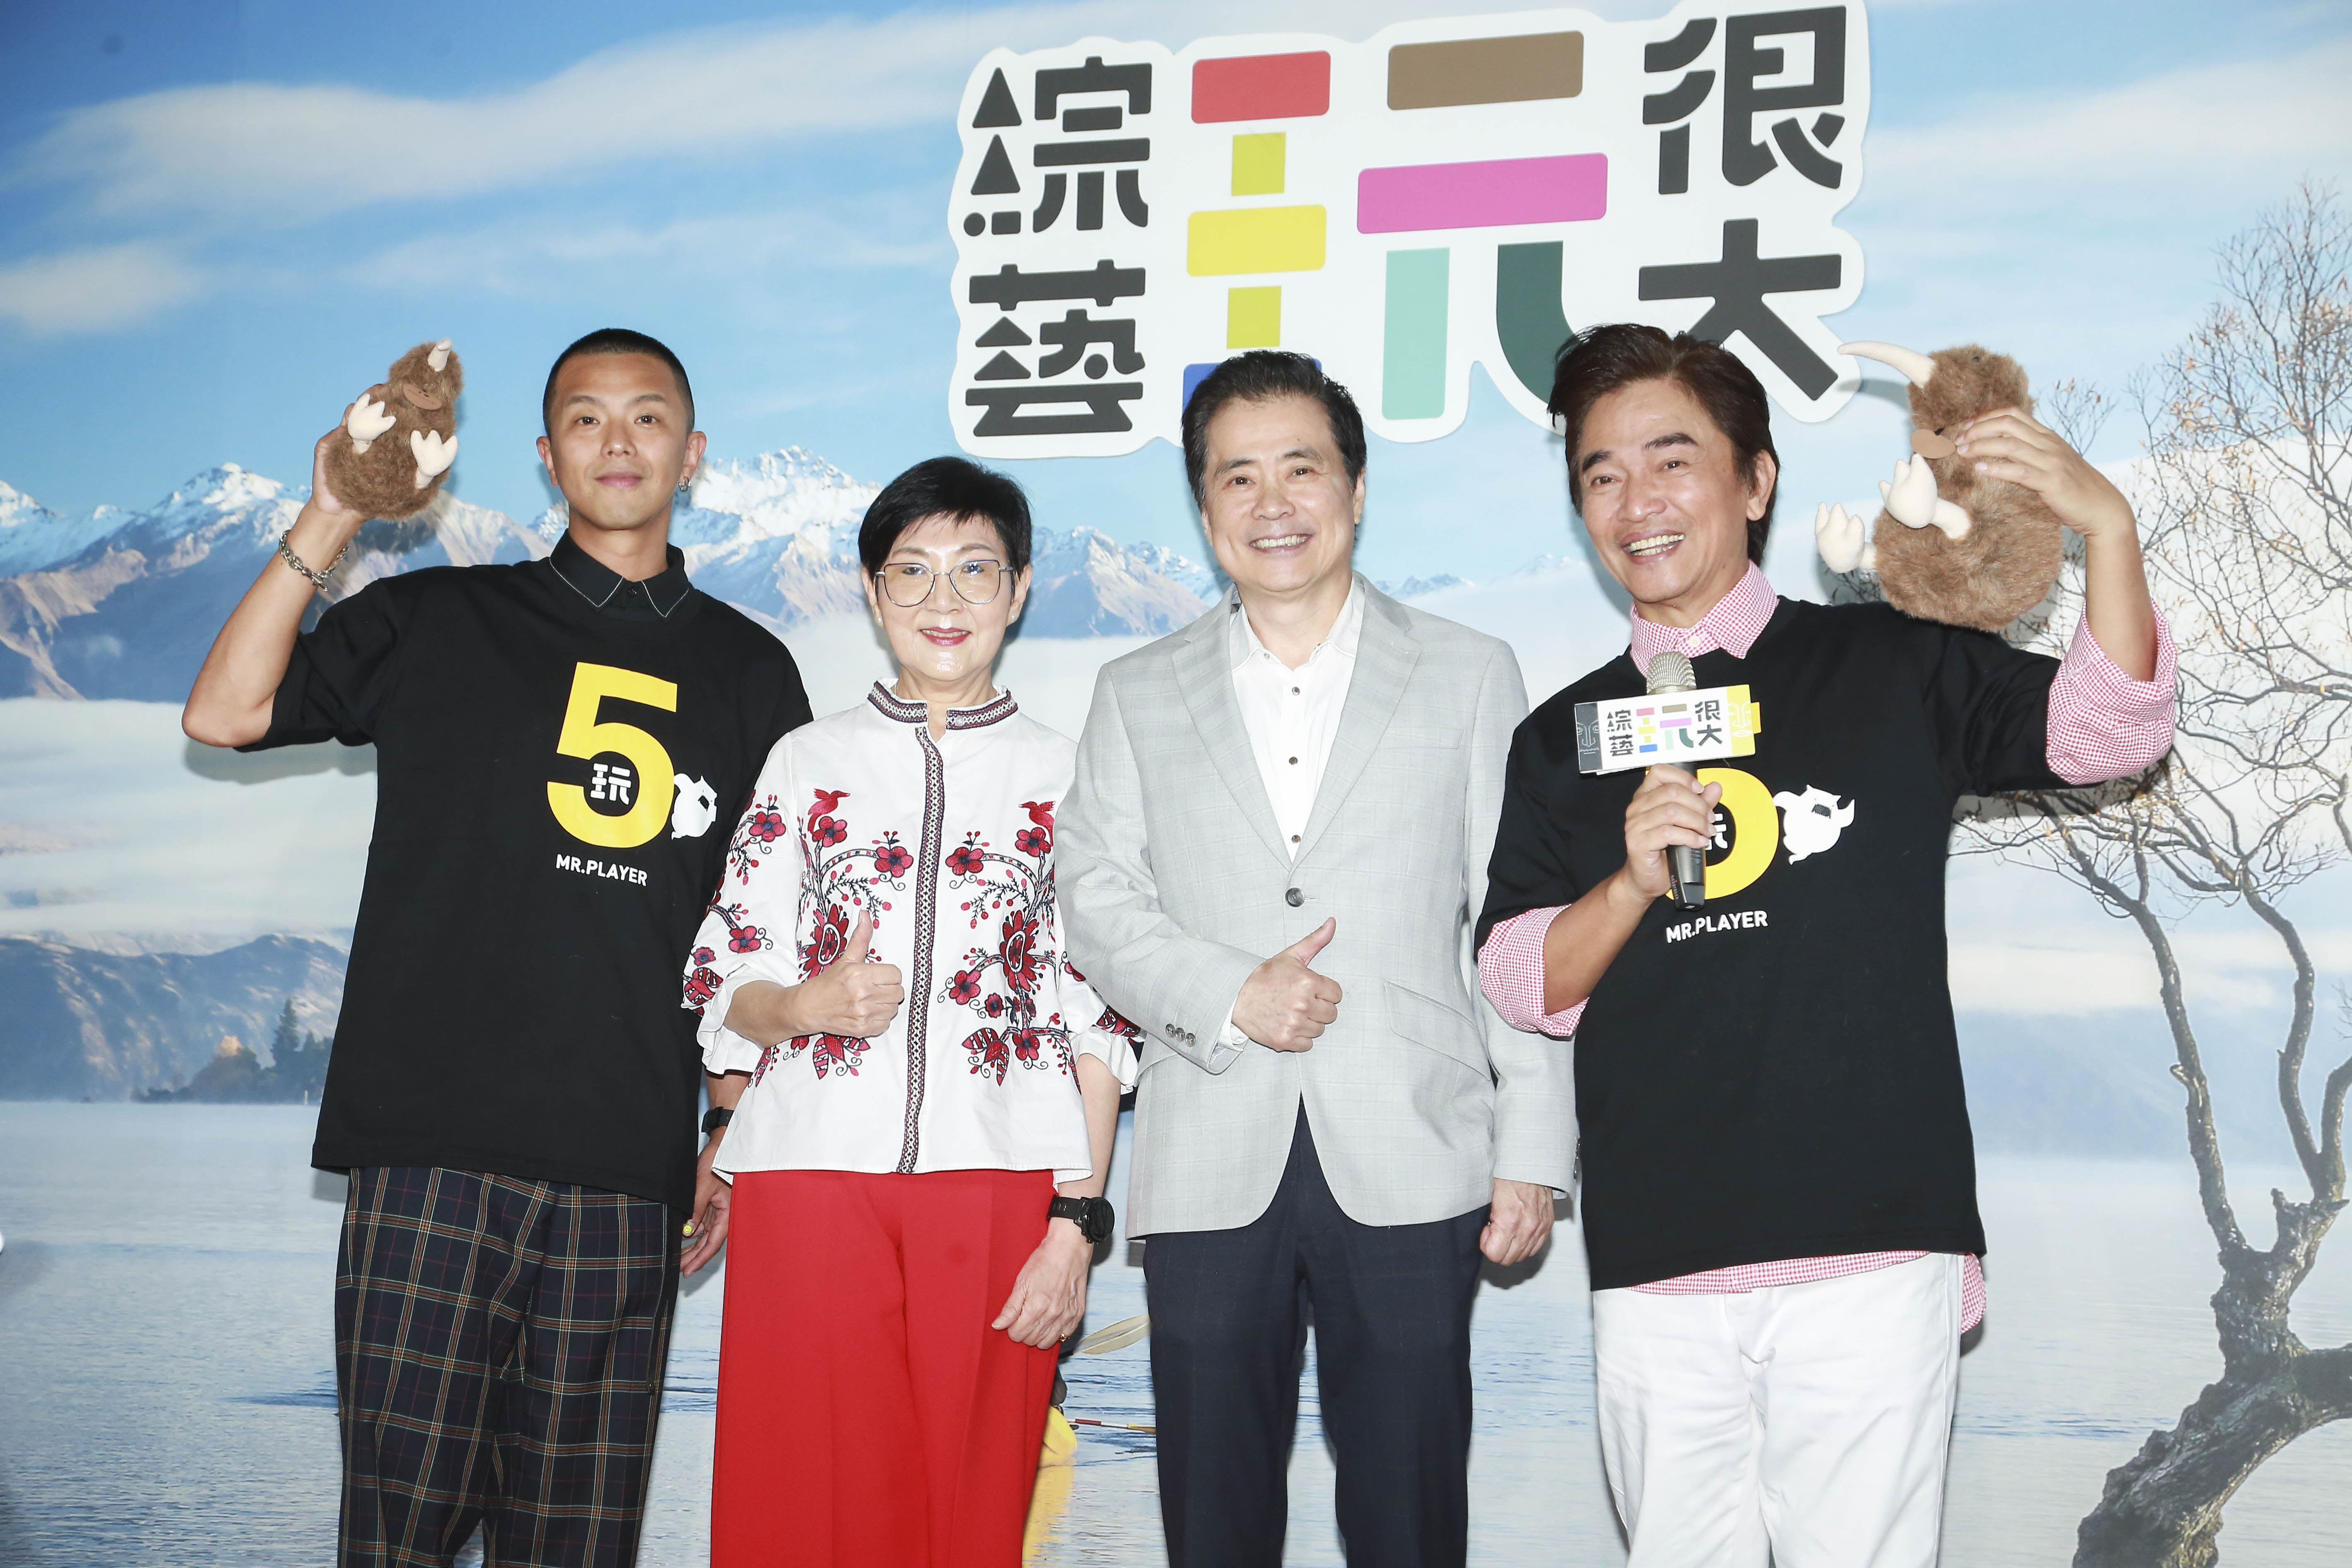 《綜藝玩很大》玩翻5週年主持人吳宗憲、小鬼黃鴻升,中視總經理胡雪珠及三立總經理張榮華共同出席慶祝。(圖/記者林士傑攝影)